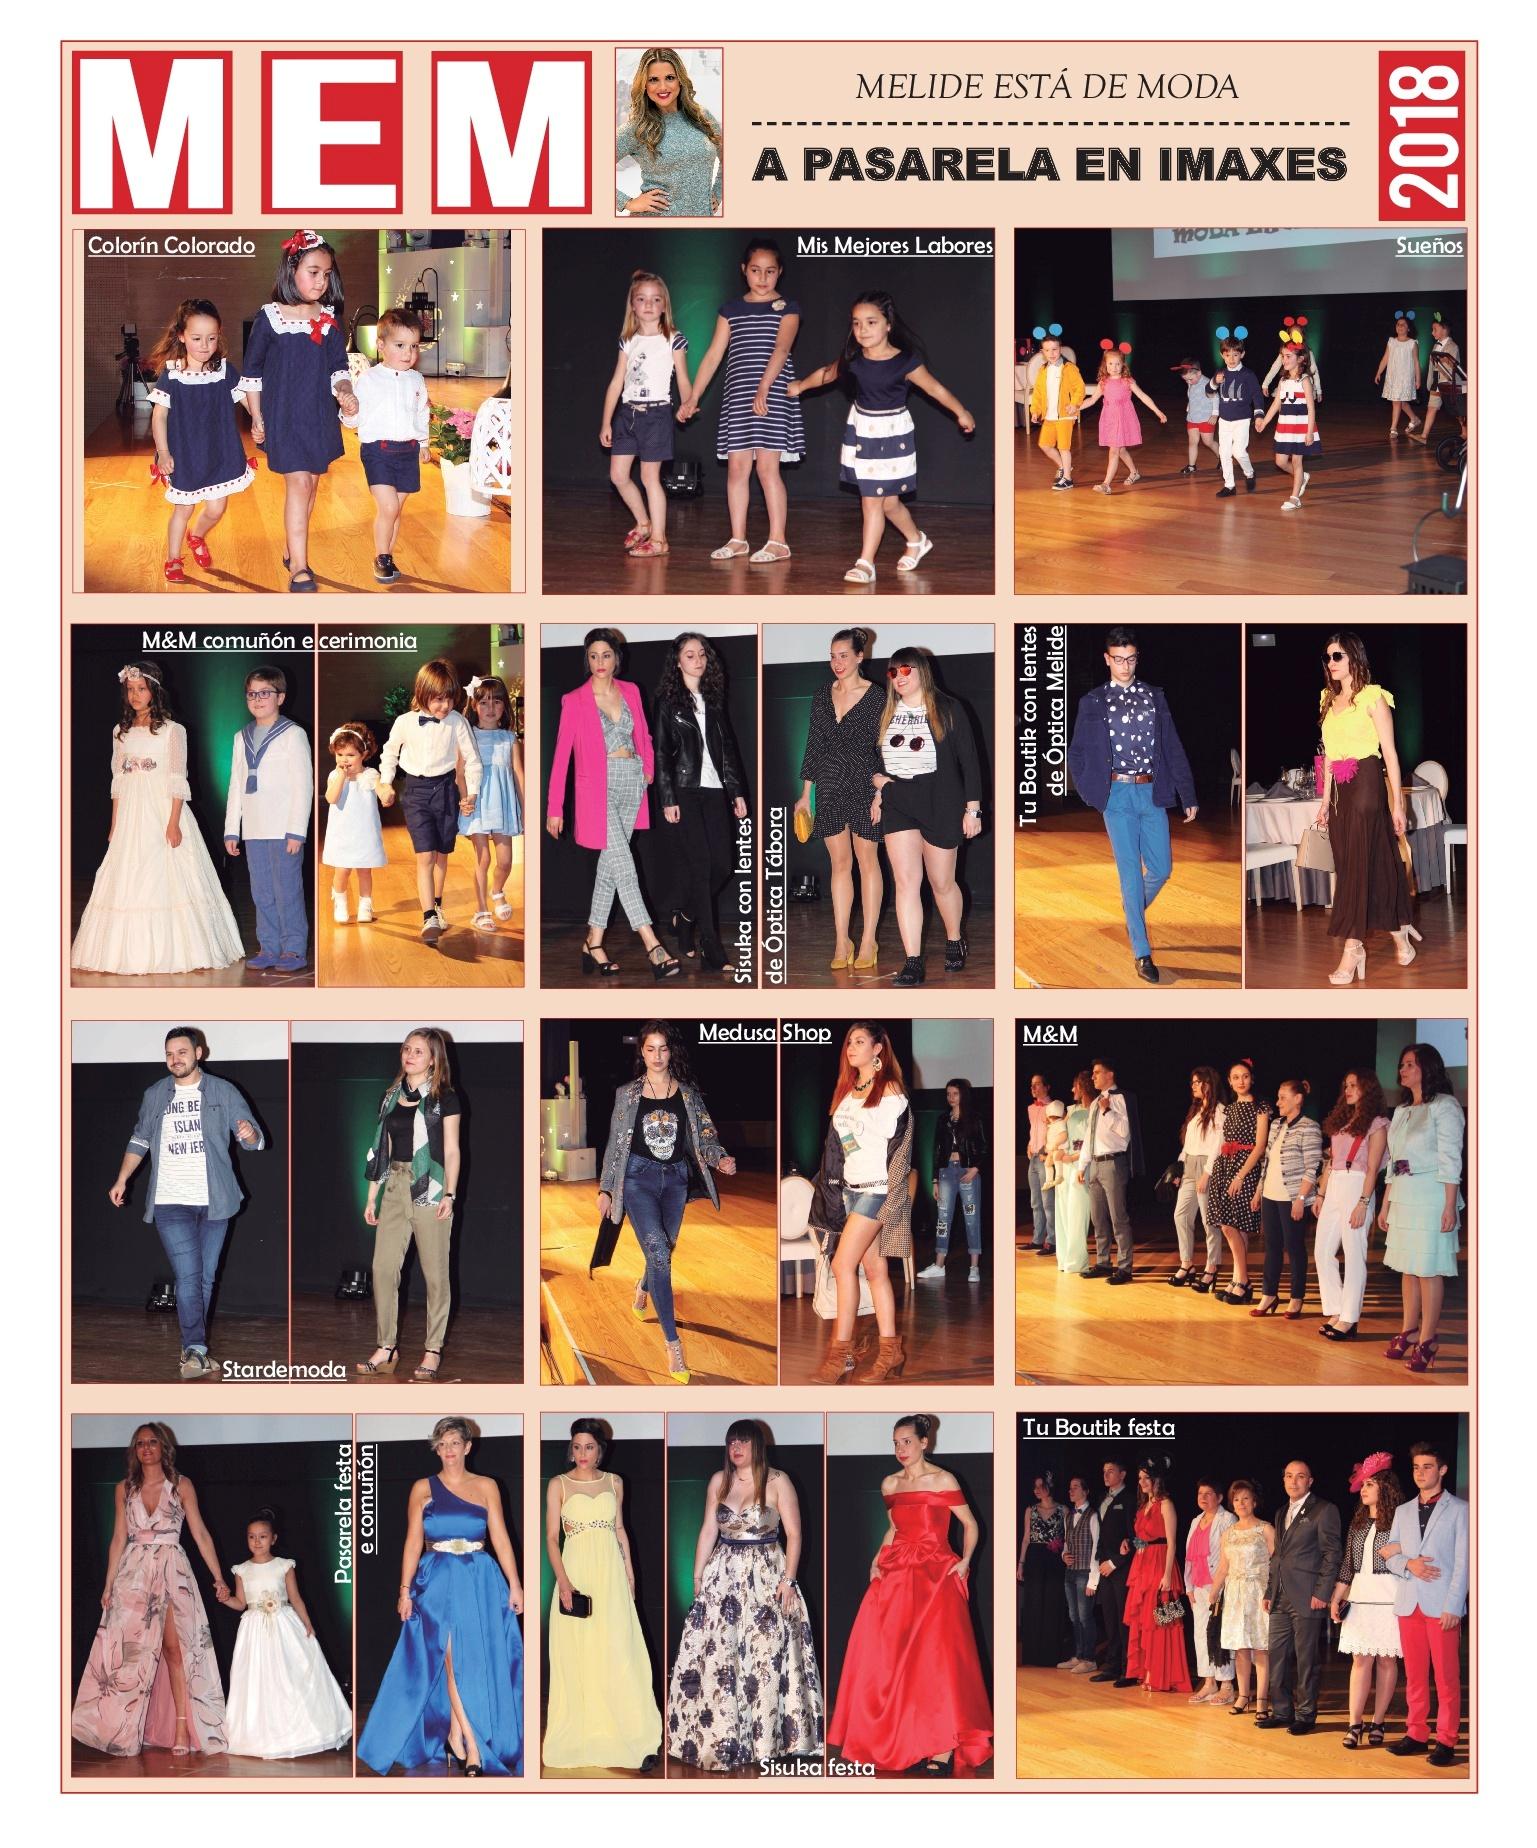 Imaxes da cuarta edición do desfile Melide Está de Moda Primavera-Verán 2018 na Casa da Cultura da vila